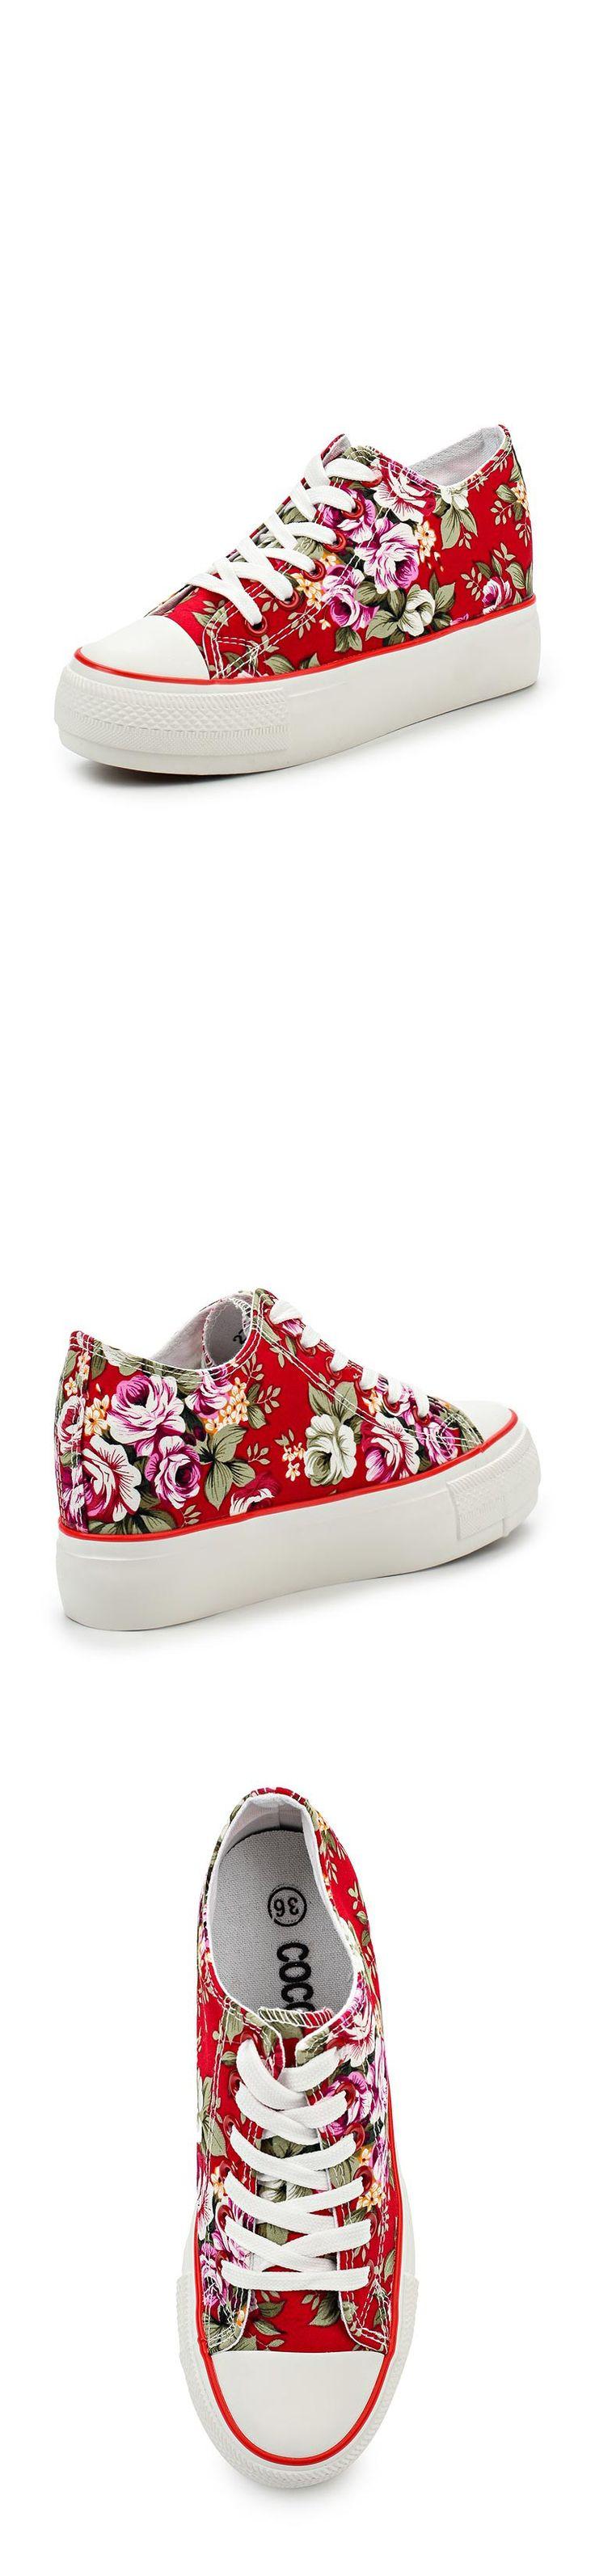 Женская обувь кеды Coco Perla за 1230.00 руб.